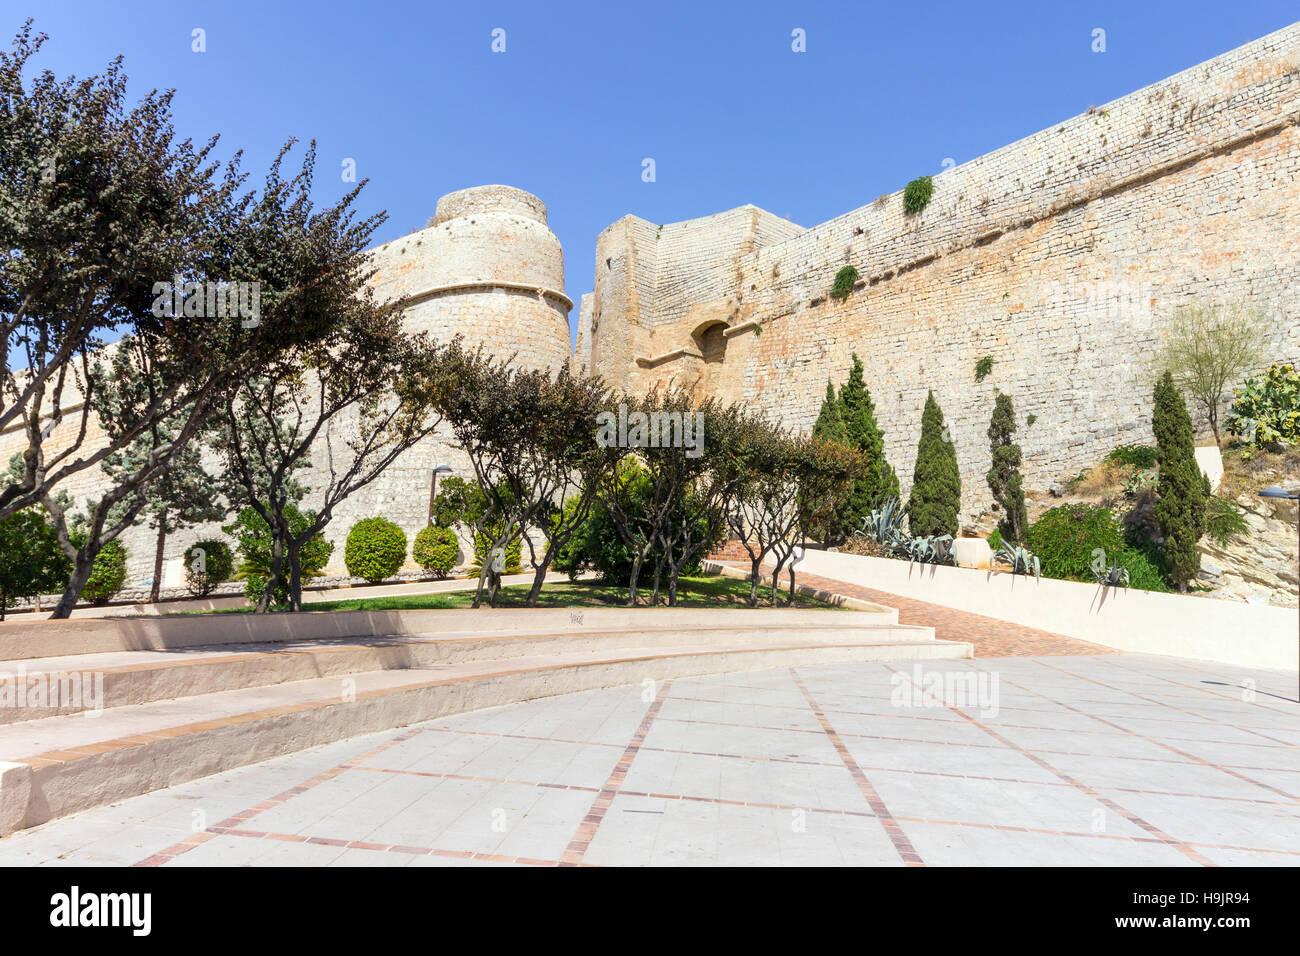 En España, las Islas Baleares, Ibiza, eivissa, el Parque Reina Sofía Imagen De Stock